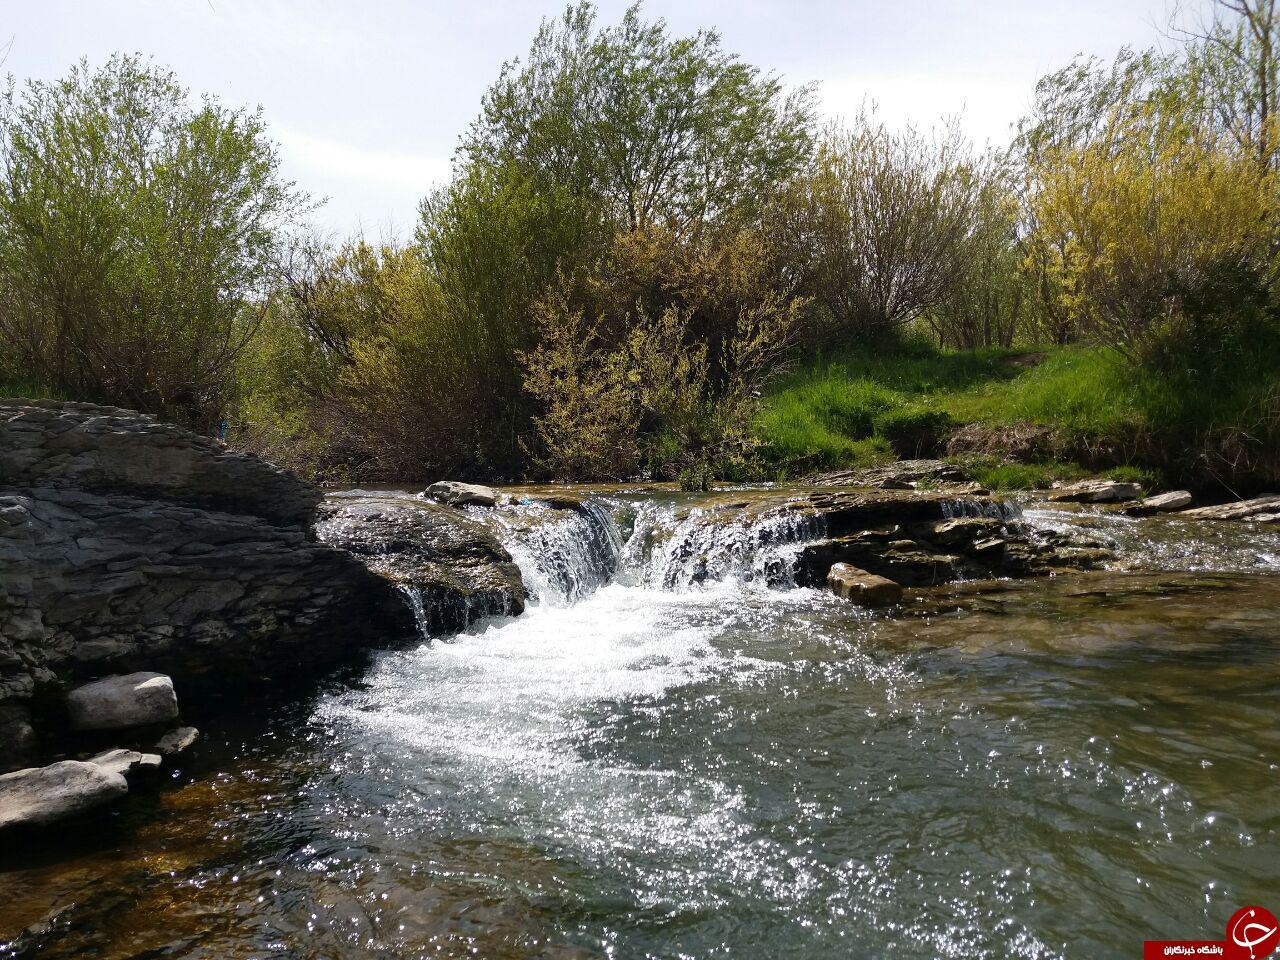 نمایی از طبیعت زیبا و بکر در روستای گنده جین + فیلم و تصاویر